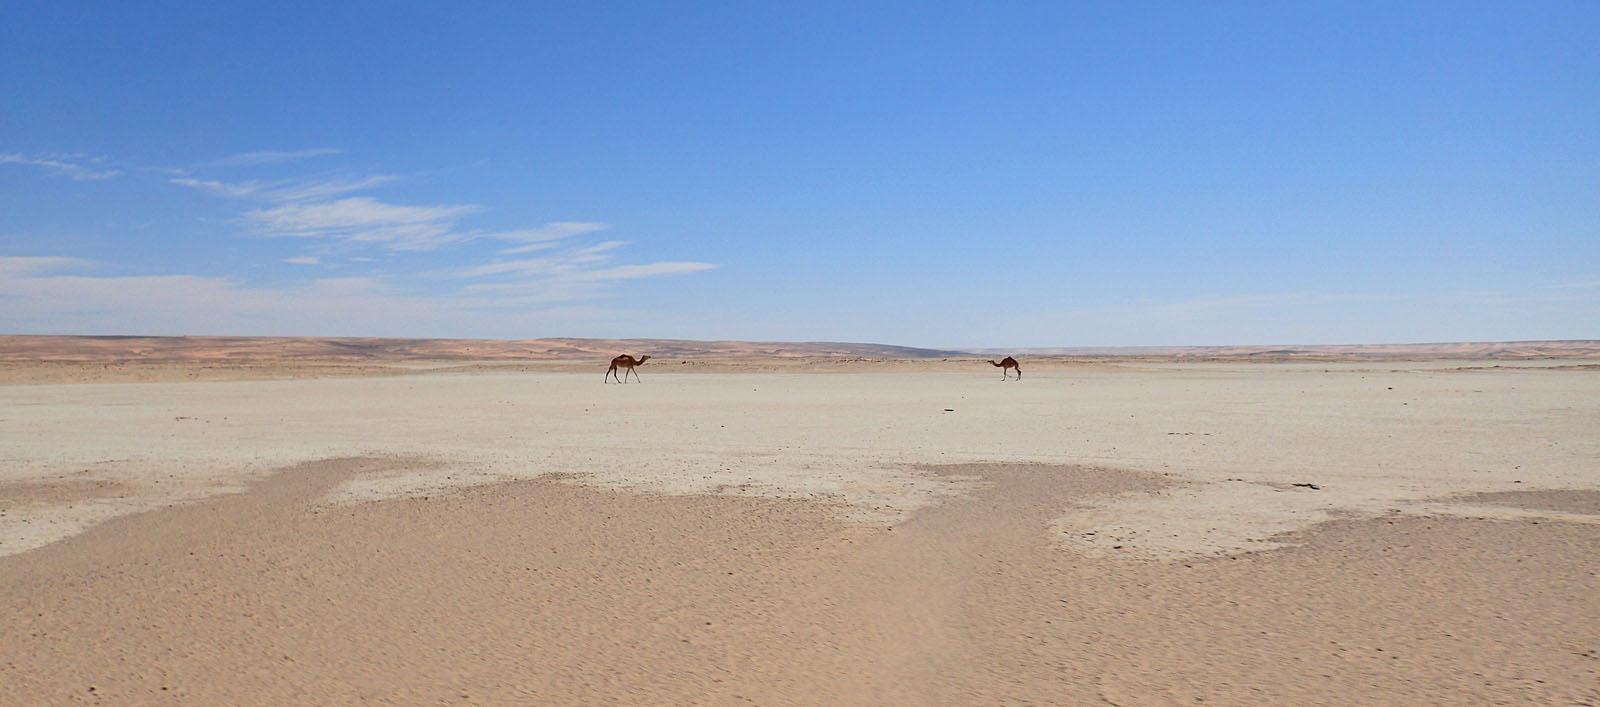 l'œil de l'Afrique - Deserts eye